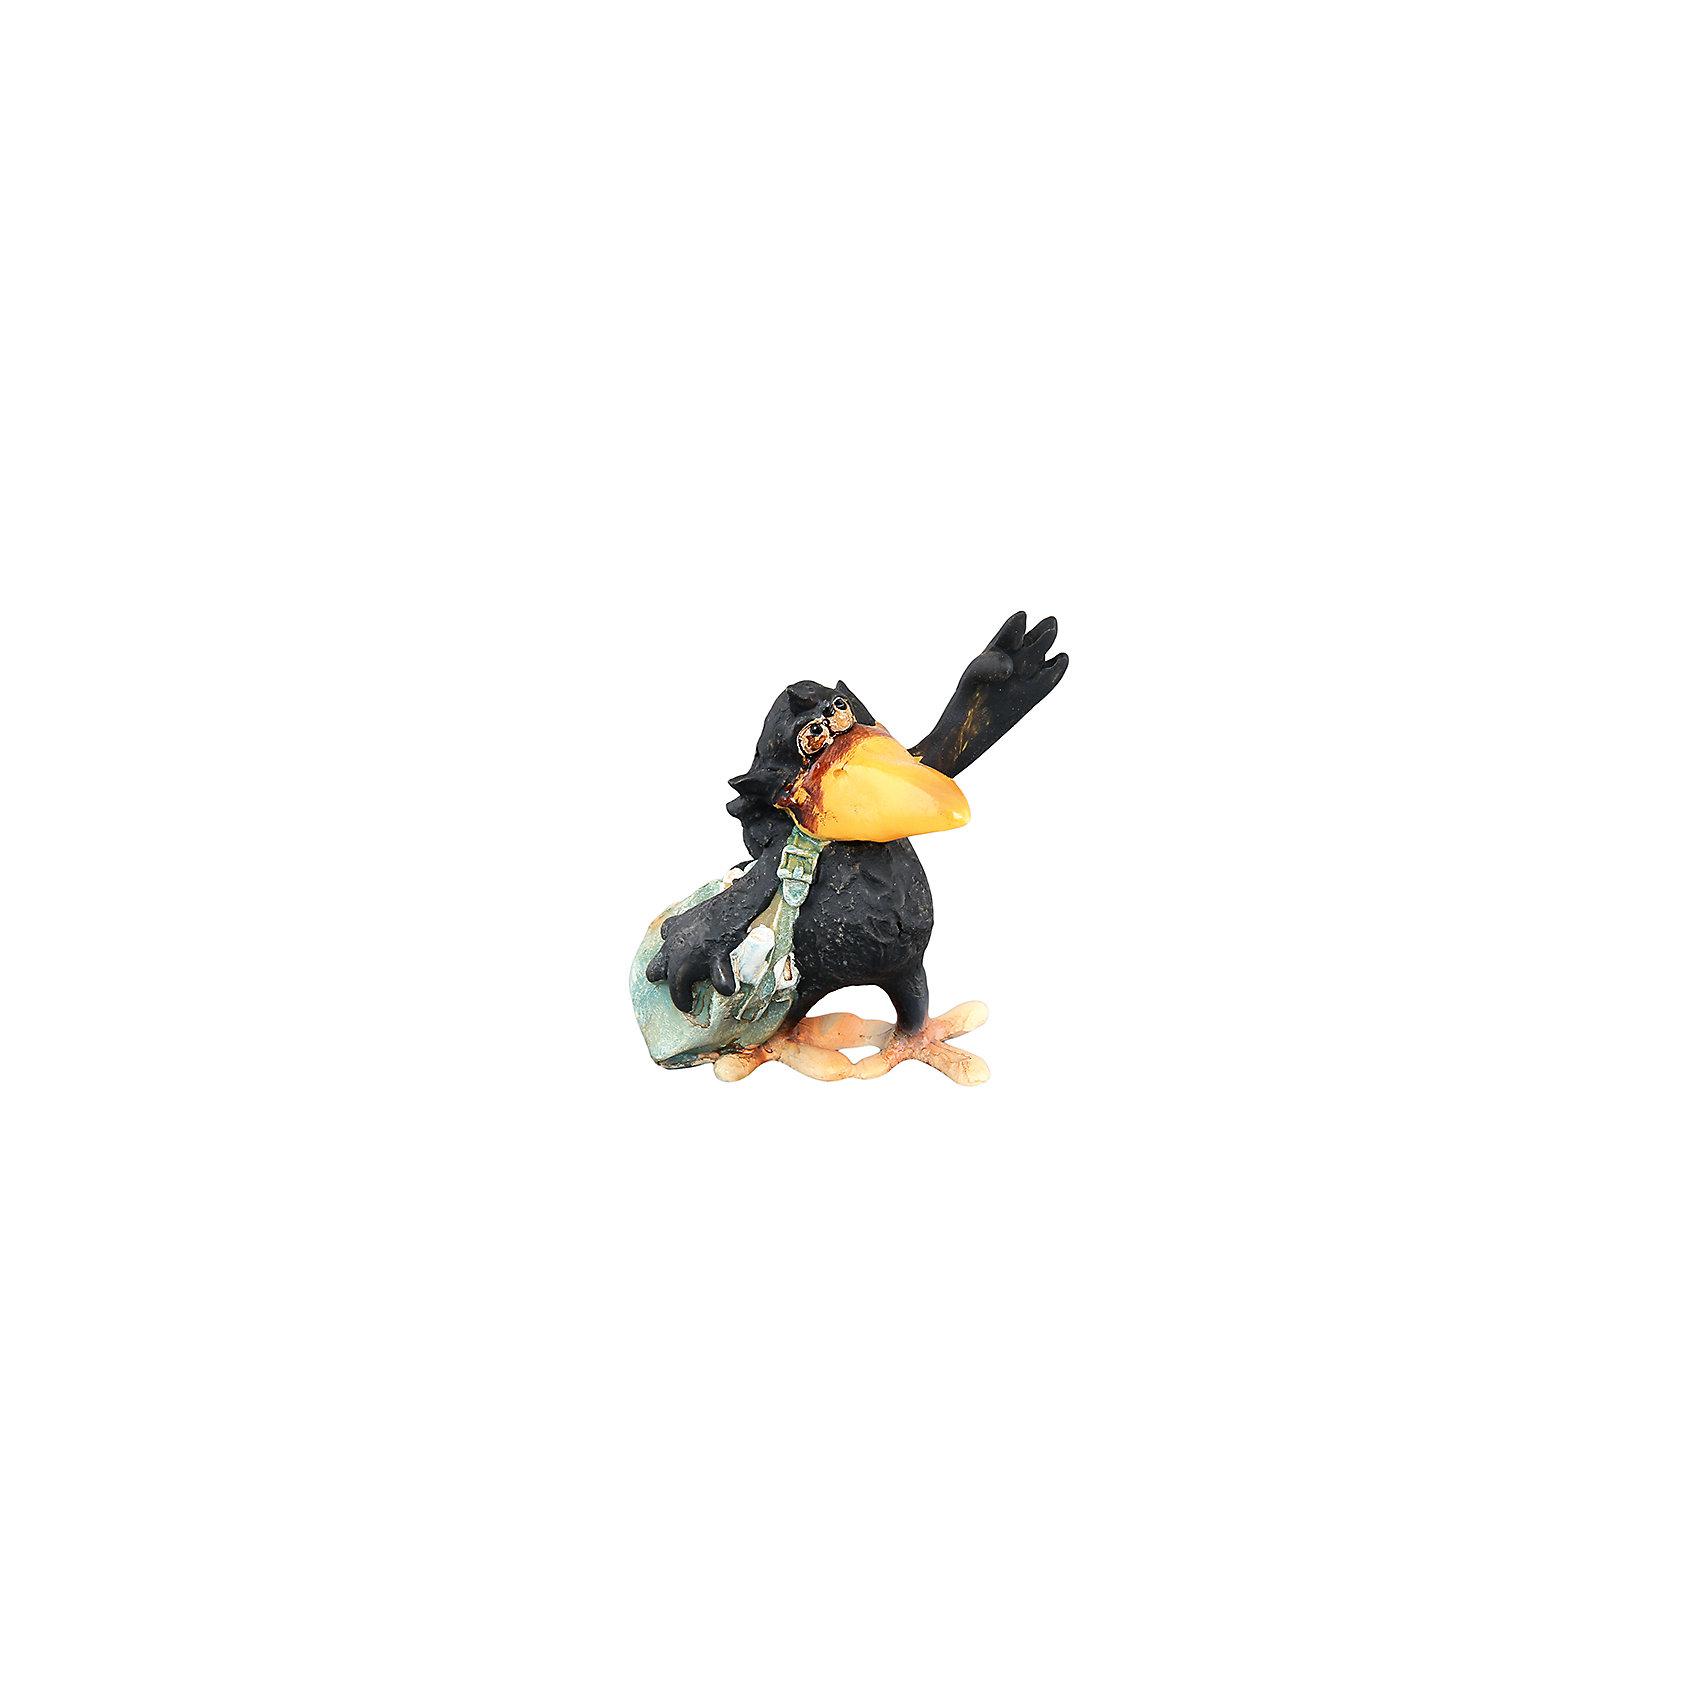 Фигурка декоративная Каркуша - почтальон, Elan GalleryПредметы интерьера<br>Характеристики товара:<br><br>• цвет: мульти<br>• материал: полистоун<br>• высота: 8 см<br>• вес: 100 г<br>• подходит к любому интерьеру<br>• отлично проработаны детали<br>• универсальный размер<br>• страна бренда: Российская Федерация<br>• страна производства: Китай<br><br>Такая декоративная фигурка - отличный пример красивой вещи для любого интерьера. Благодаря универсальному дизайну и расцветке она хорошо будет смотреться в помещении.<br><br>Декоративная фигурка может стать отличным приобретением для дома или подарком для любителей симпатичных вещей, украшающих пространство.<br><br>Бренд Elan Gallery - это красивые и практичные товары для дома с современным дизайном. Они добавляют в жильё уюта и комфорта! <br><br>Фигурку декоративную Каркуша - почтальон Elan Gallery можно купить в нашем интернет-магазине.<br><br>Ширина мм: 78<br>Глубина мм: 63<br>Высота мм: 78<br>Вес г: 188<br>Возраст от месяцев: 0<br>Возраст до месяцев: 1188<br>Пол: Унисекс<br>Возраст: Детский<br>SKU: 6668967